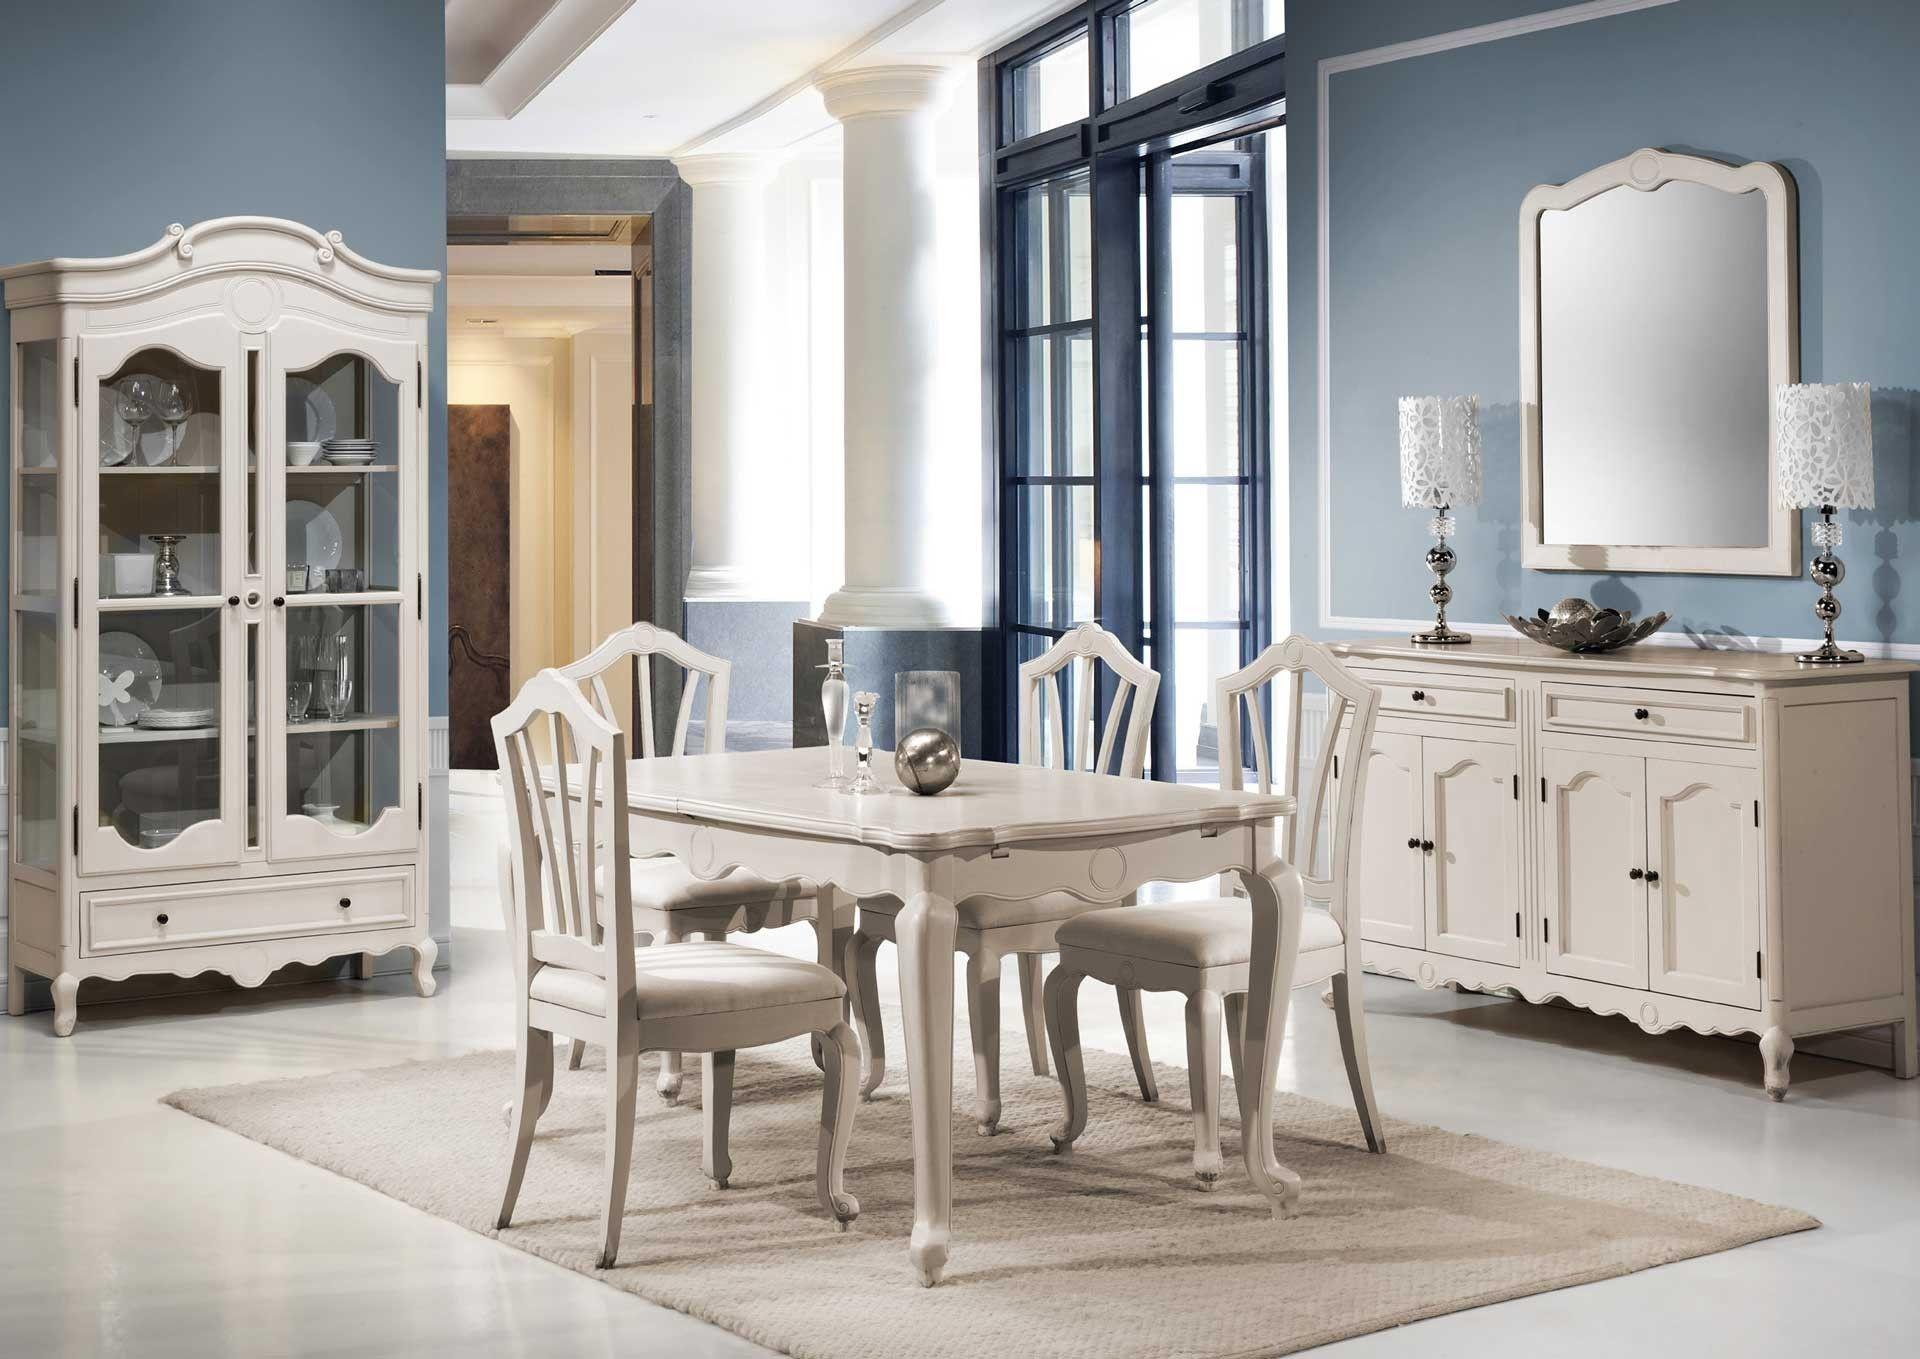 Comedor vintage sarce en mbar muebles el rom ntico for Comedor vintage moderno